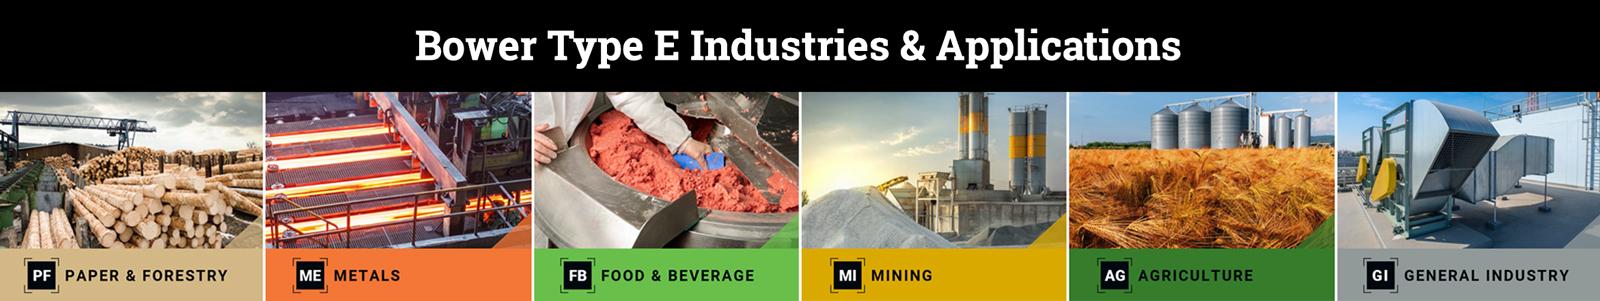 BowerTypeEIndustries Paper&Forestry,Metals,Food&Beverage,Mining,Agriculture,GeneralIndustry